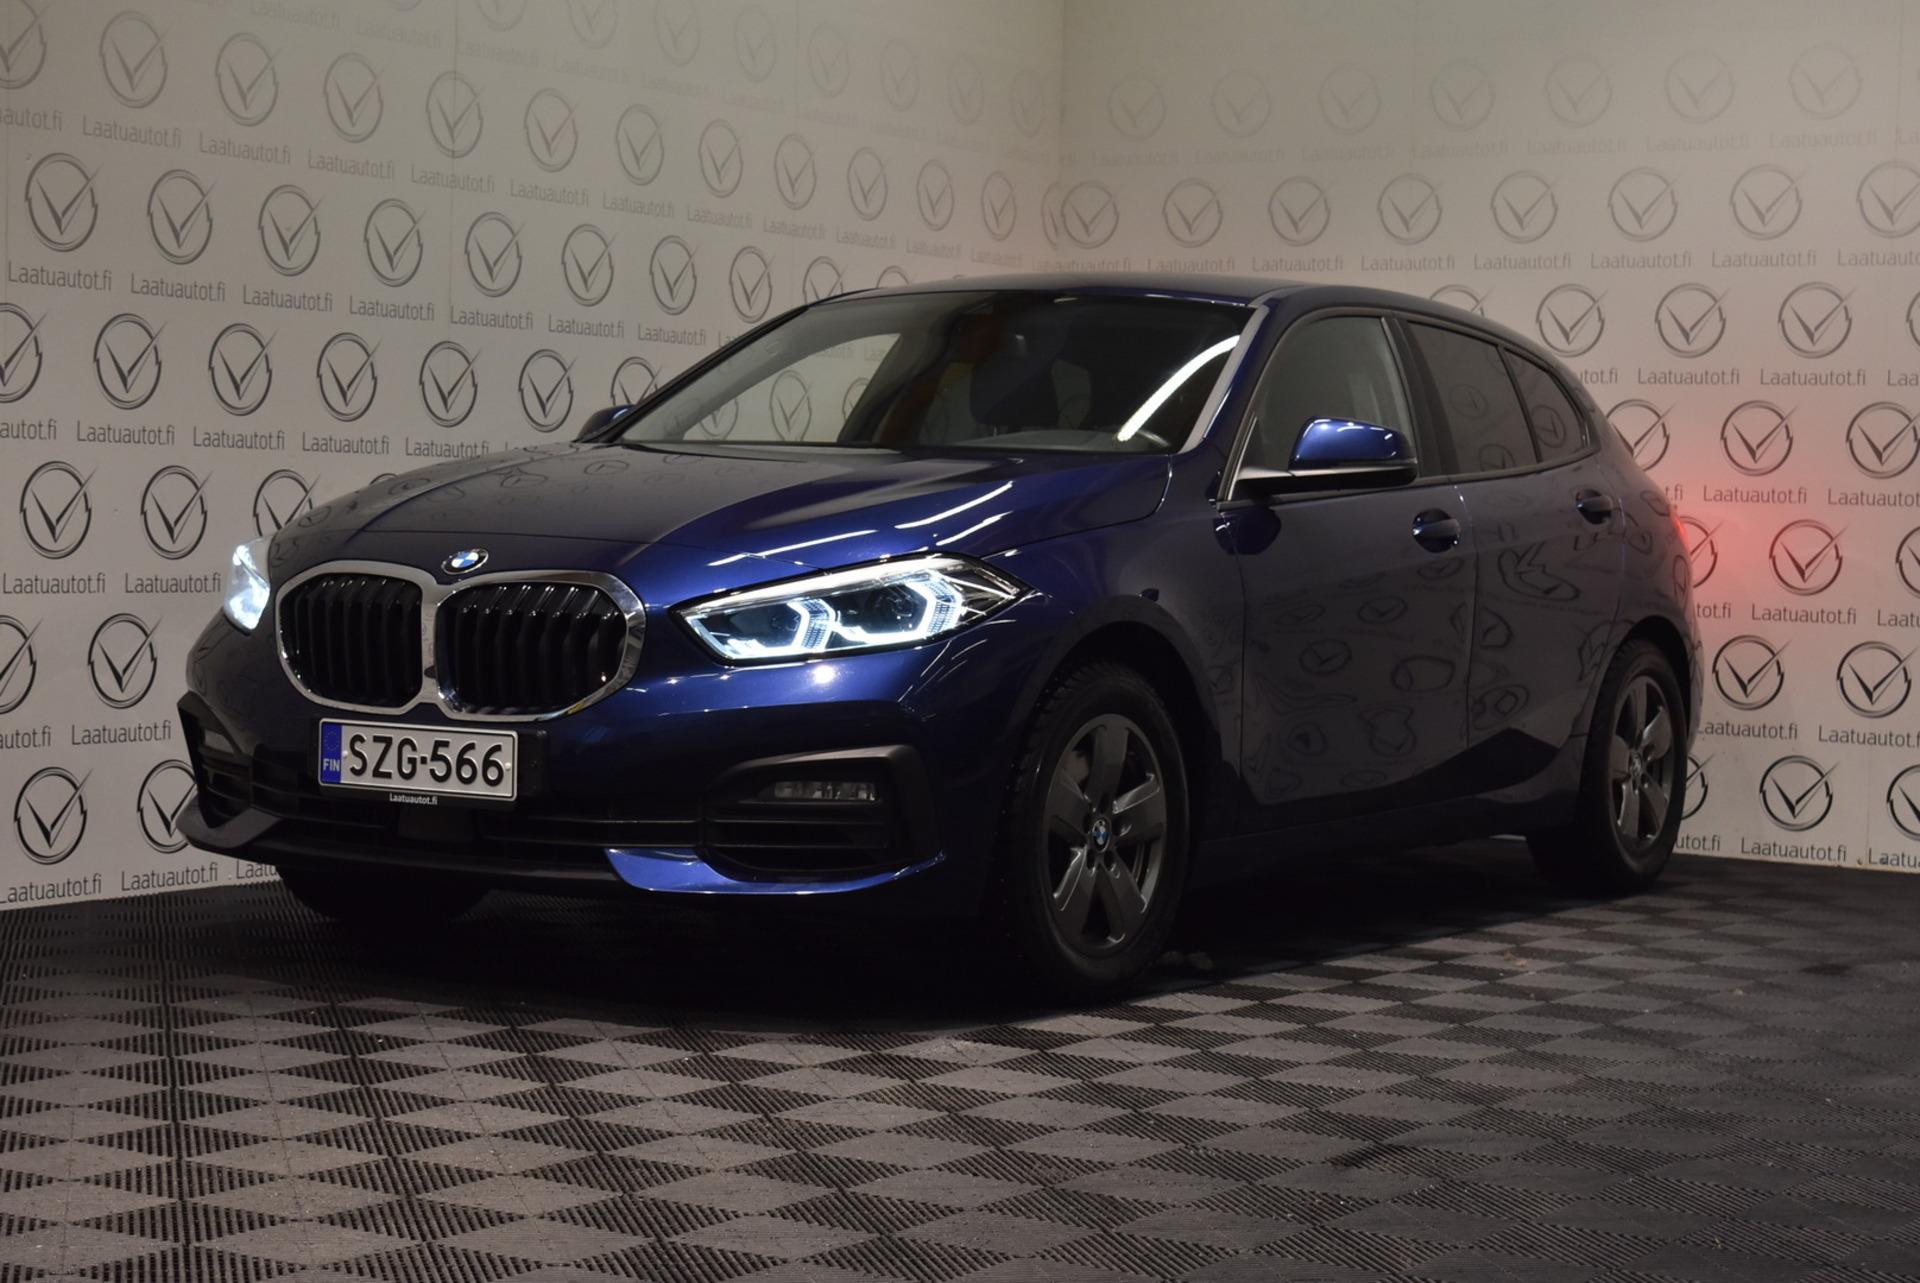 BMW 118 F40 Hatchback 118i Business - Korko: 1, 89% + kulut! Jopa ilman käsirahaa! M-urheiluohjauspyörä,  Led-ajovalot,  Navi,  Cruise